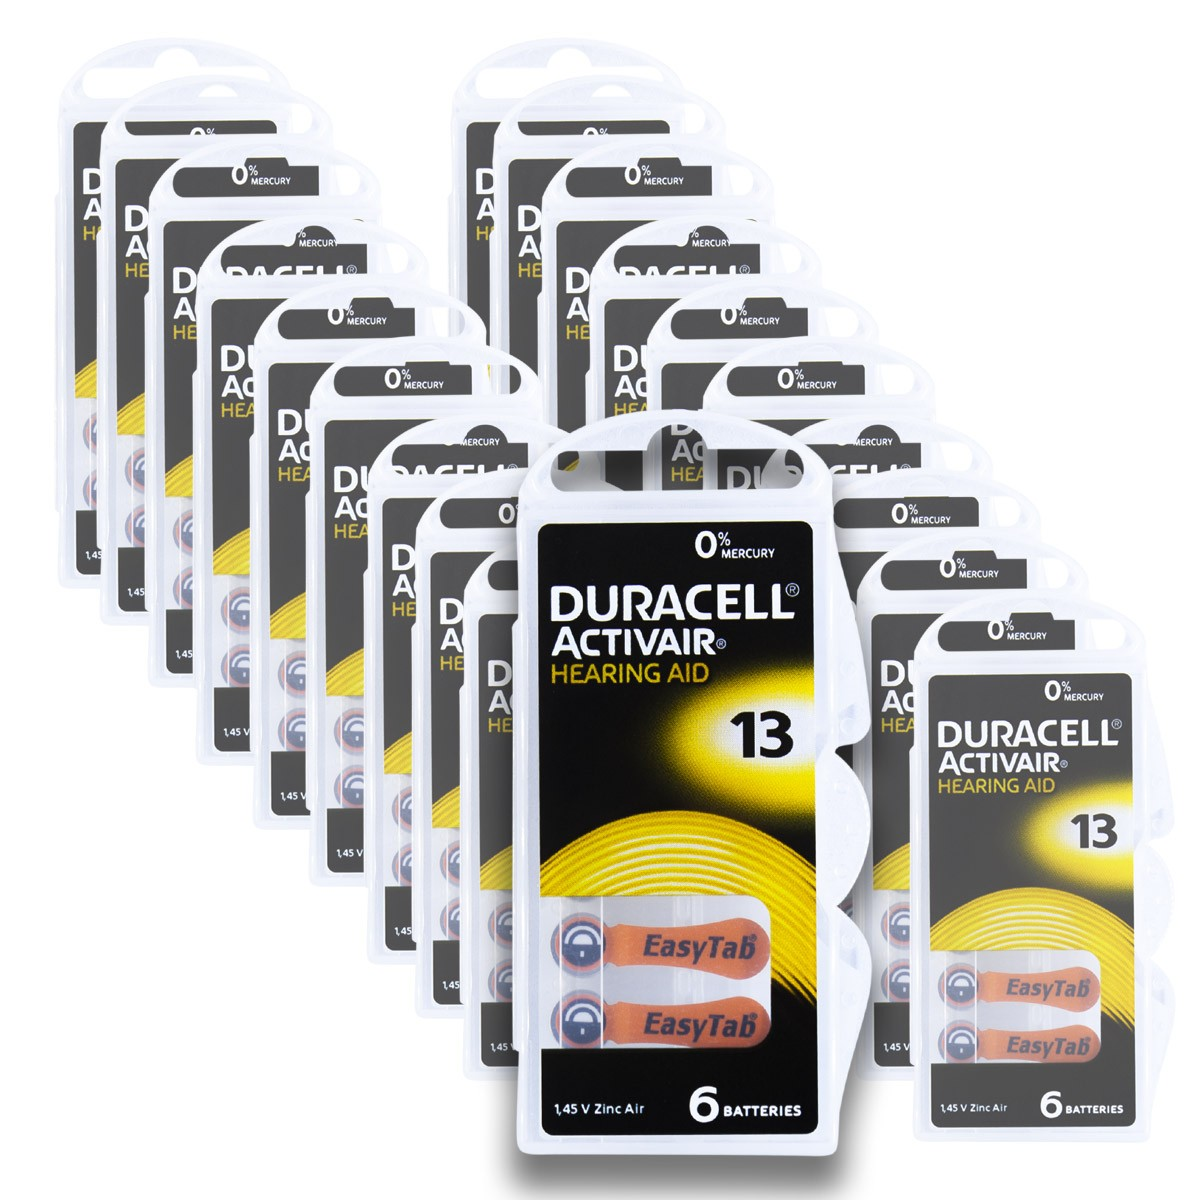 120 Pilhas DA13 DURACELL baterias PR48 Aparelho auditivo